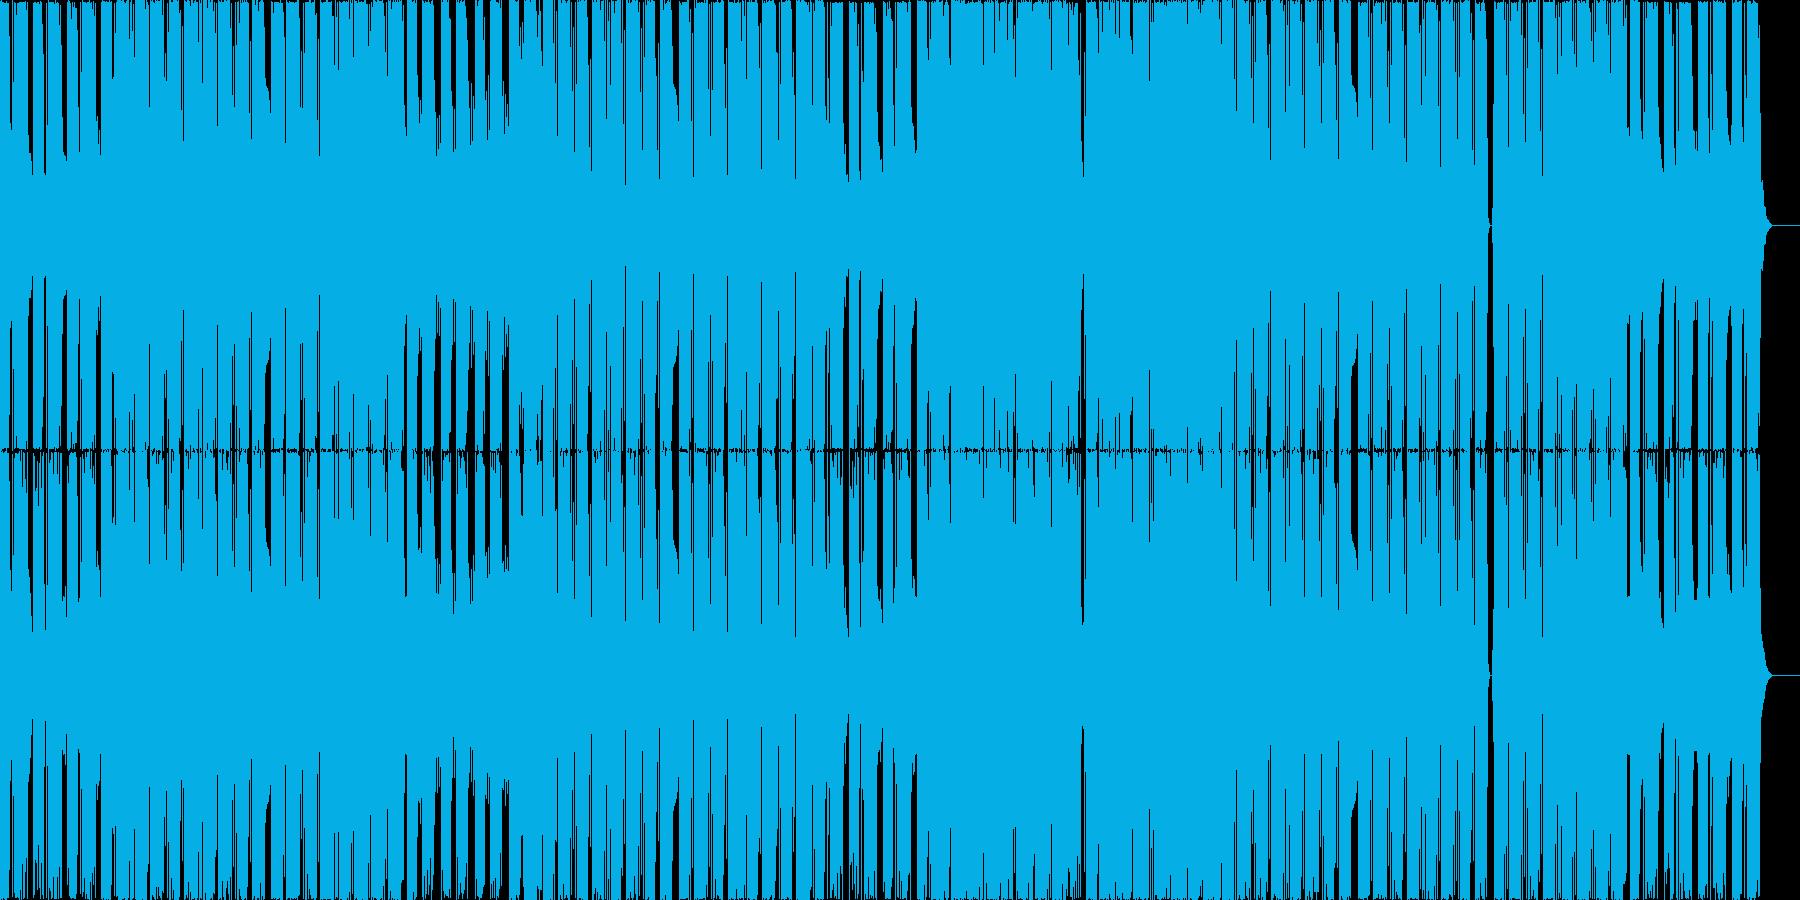 キラキラとしたシンセが爽快なEDMの再生済みの波形